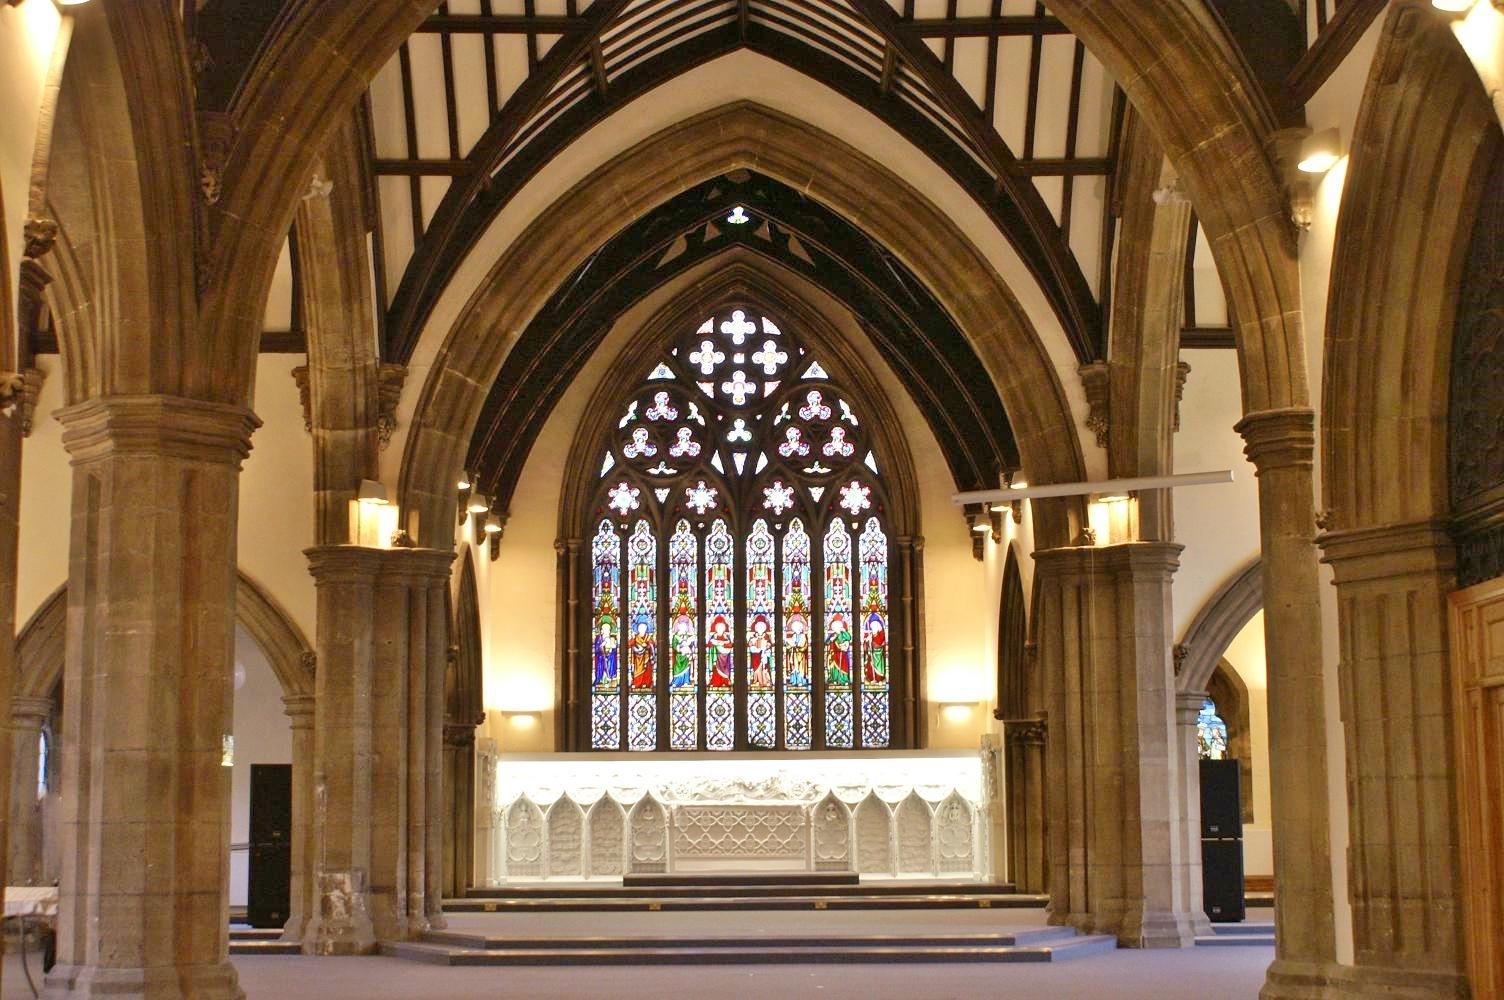 St Matthias Church - Faith Buildings